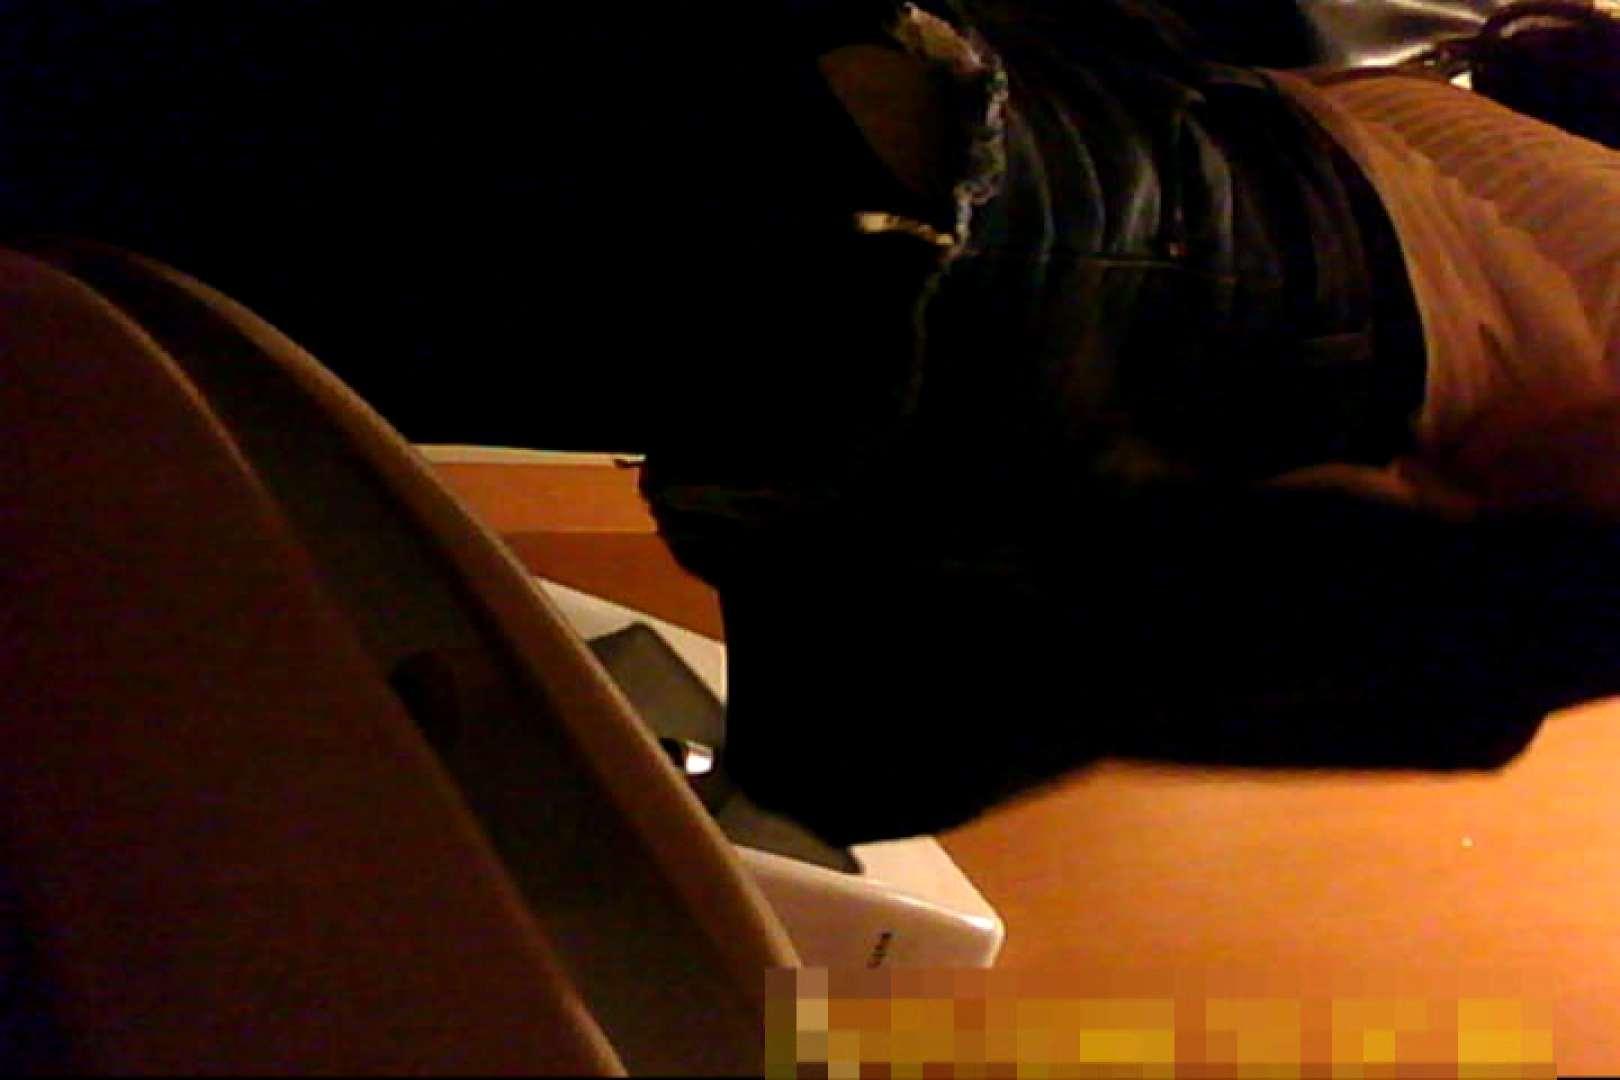 魅惑の化粧室~禁断のプライベート空間~27 丸見えマンコ 隠し撮りオマンコ動画紹介 106PIX 59